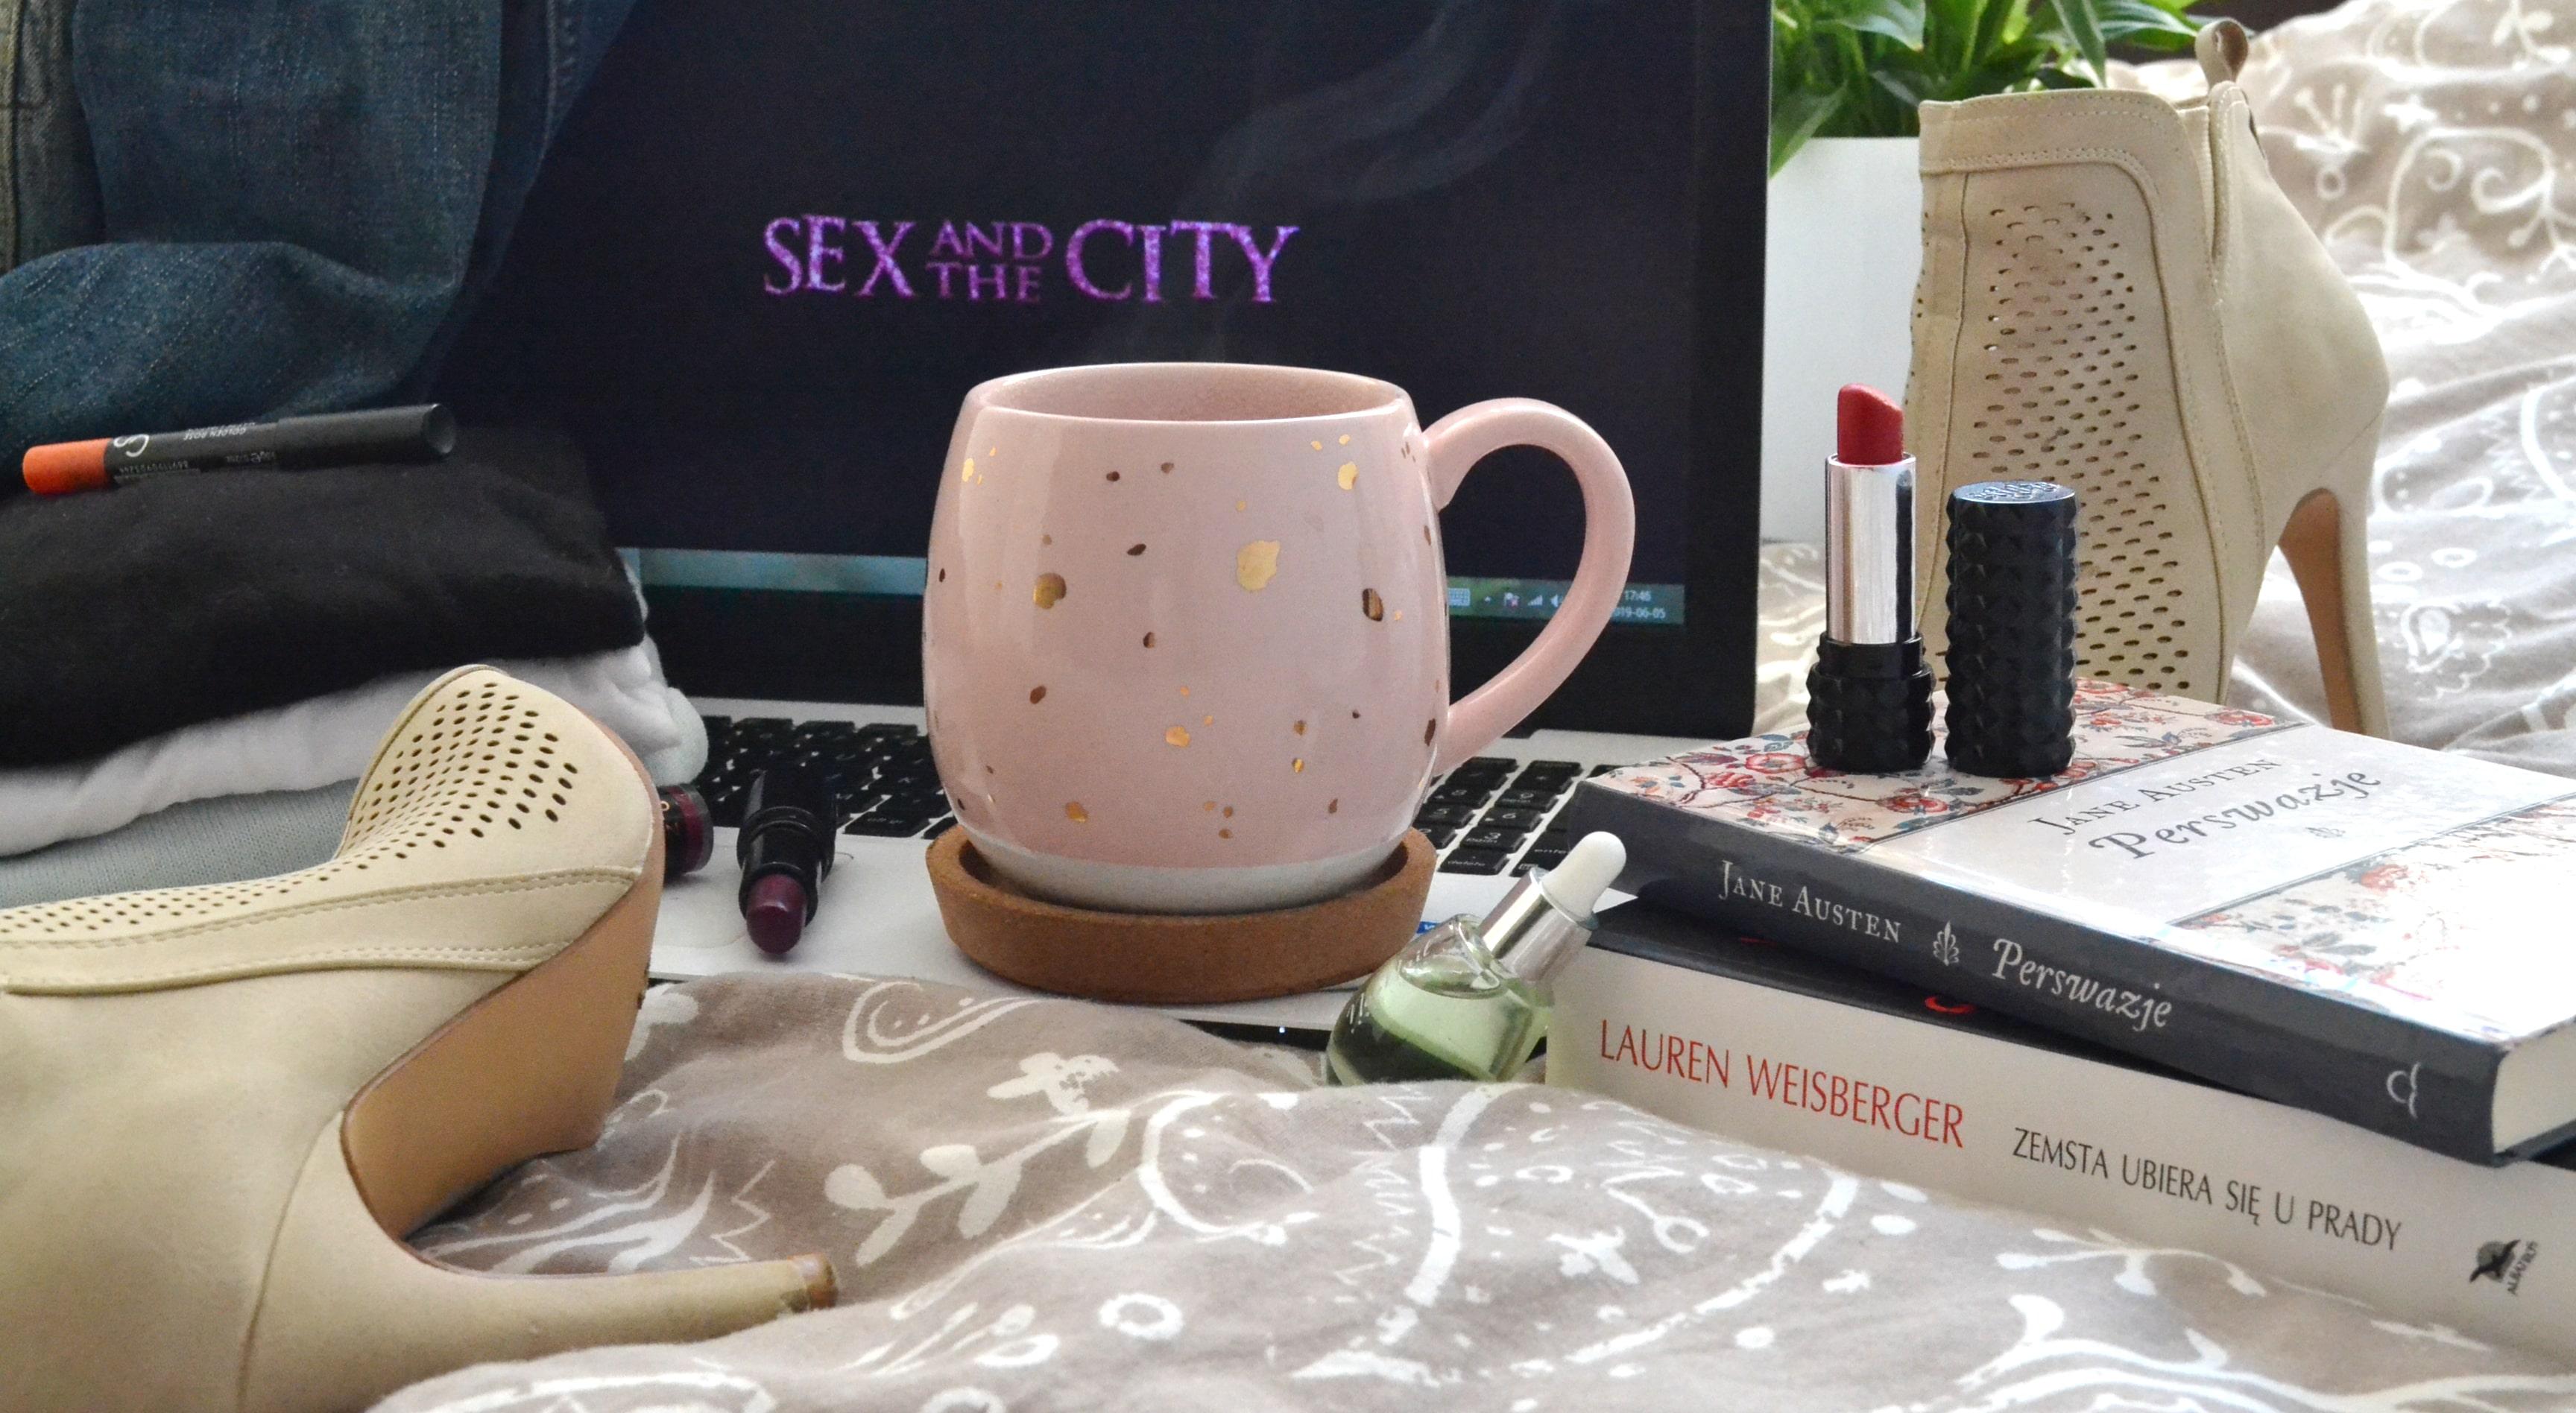 Seks w wielkim mieście – dlaczego tak go kocham